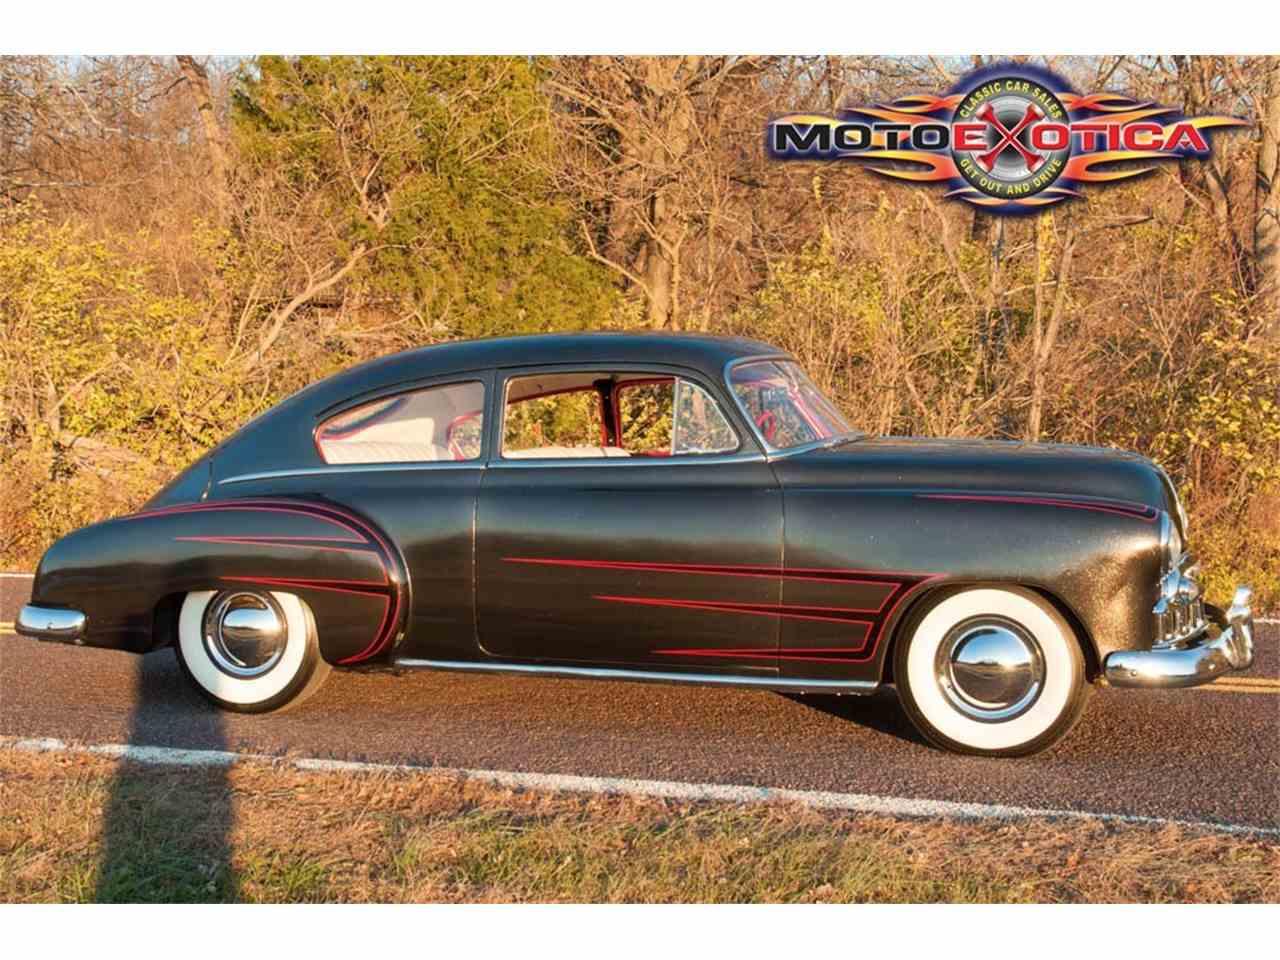 1949 chevrolet fleetline 2dr custom for sale classiccars for 1949 chevy fleetline 2 door for sale